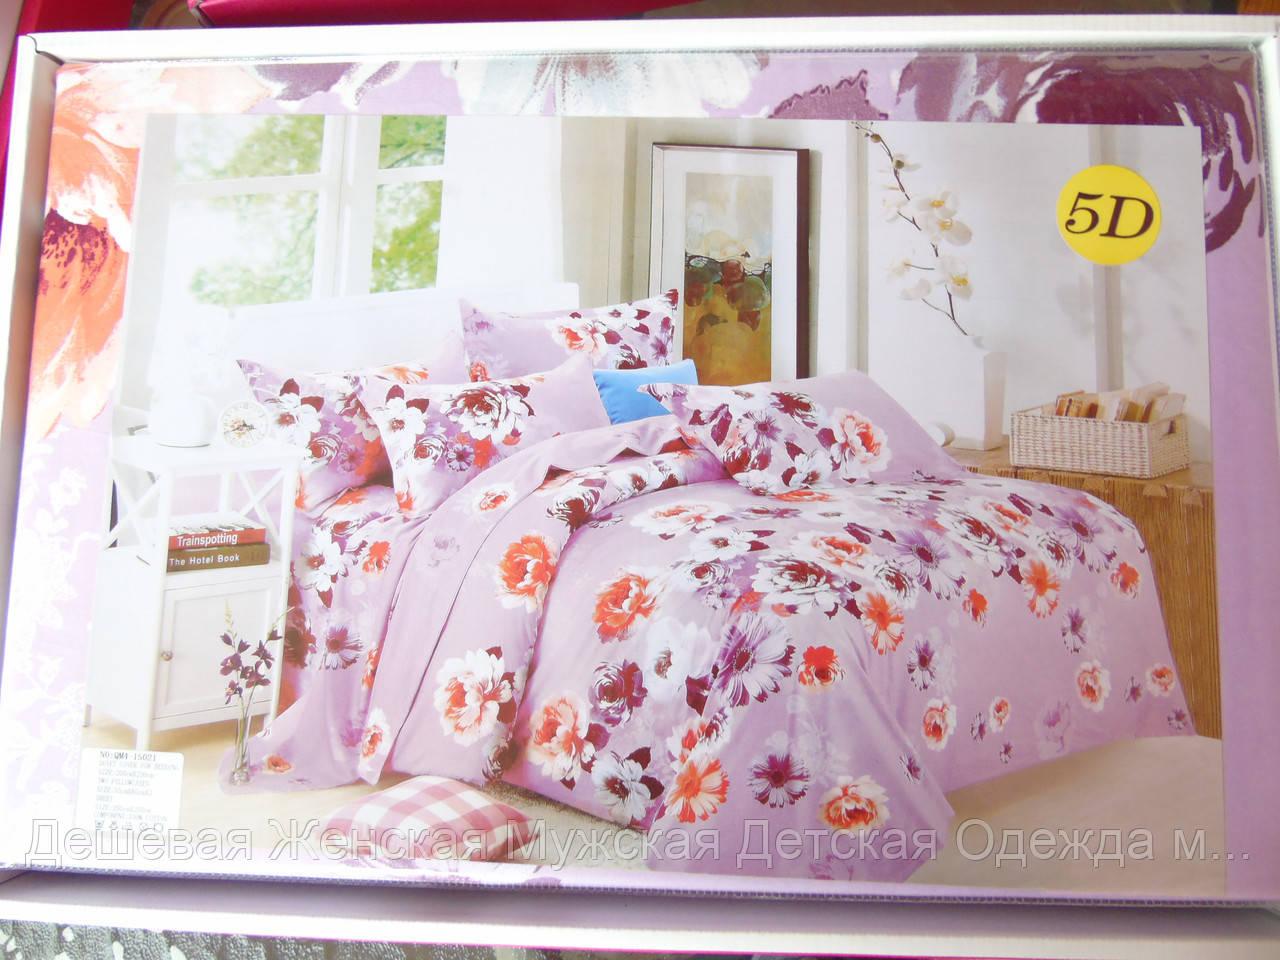 Подарочный набор постельного белья 2.0х2.3